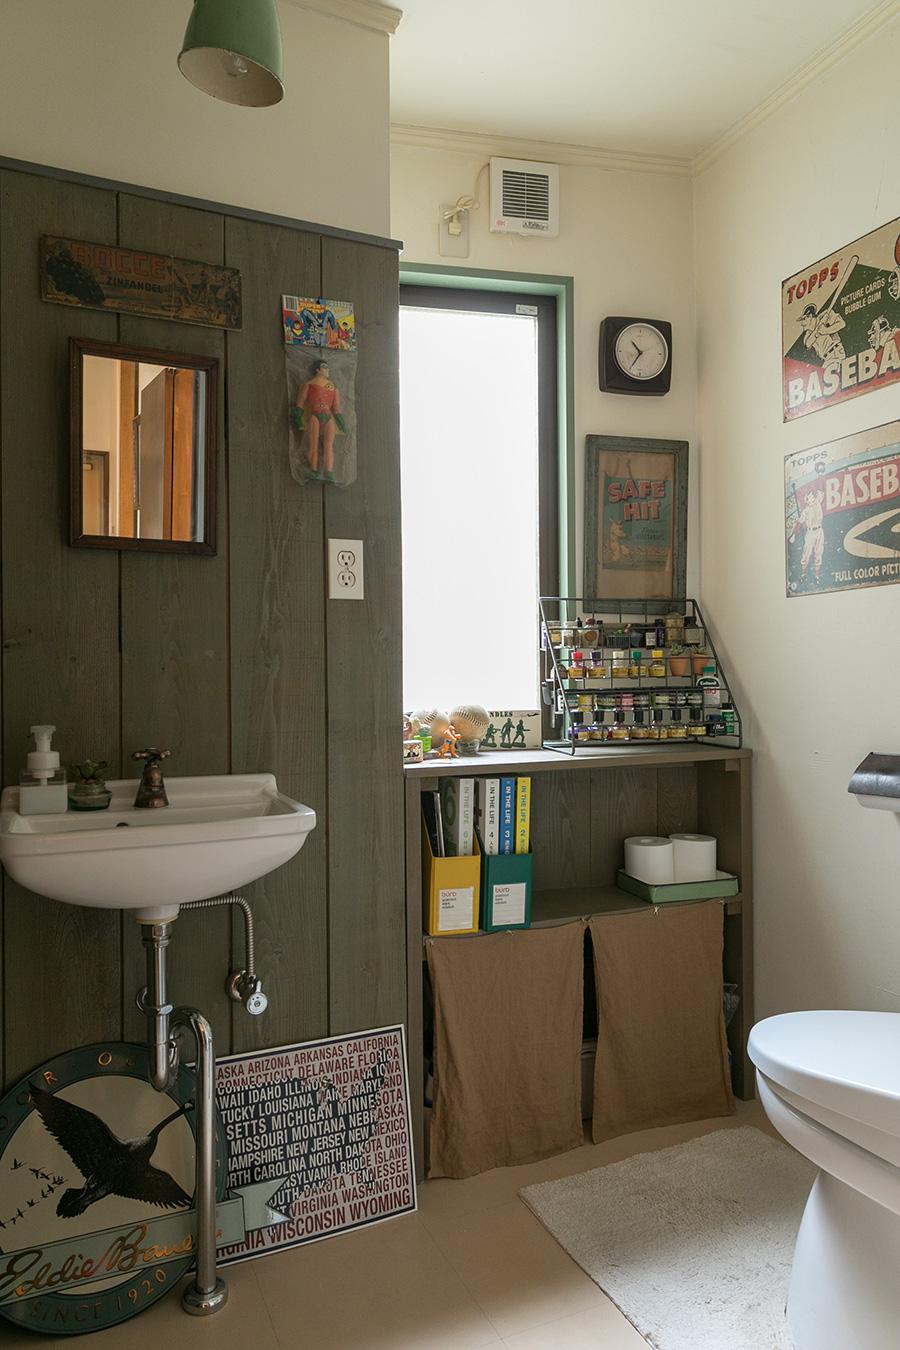 広くて快適なトイレ。ここにもさまざまなコレクションが並ぶ。